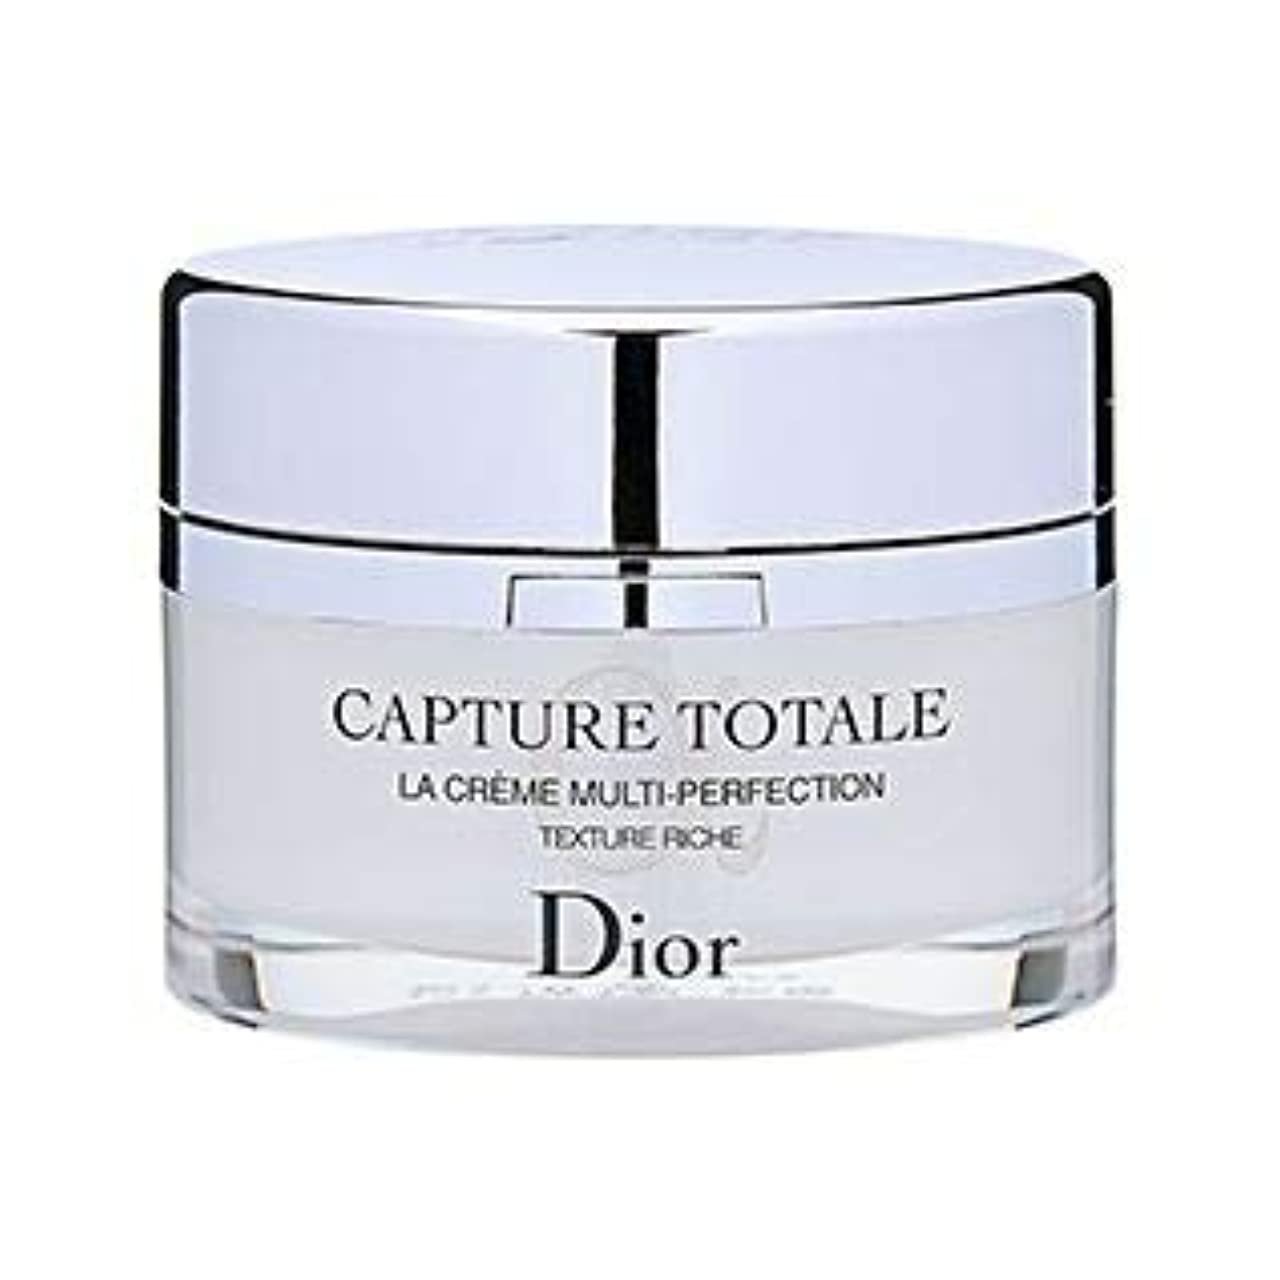 ジョージハンブリー解任露ディオール(Dior) カプチュール トータル リッチ クリーム [並行輸入品]